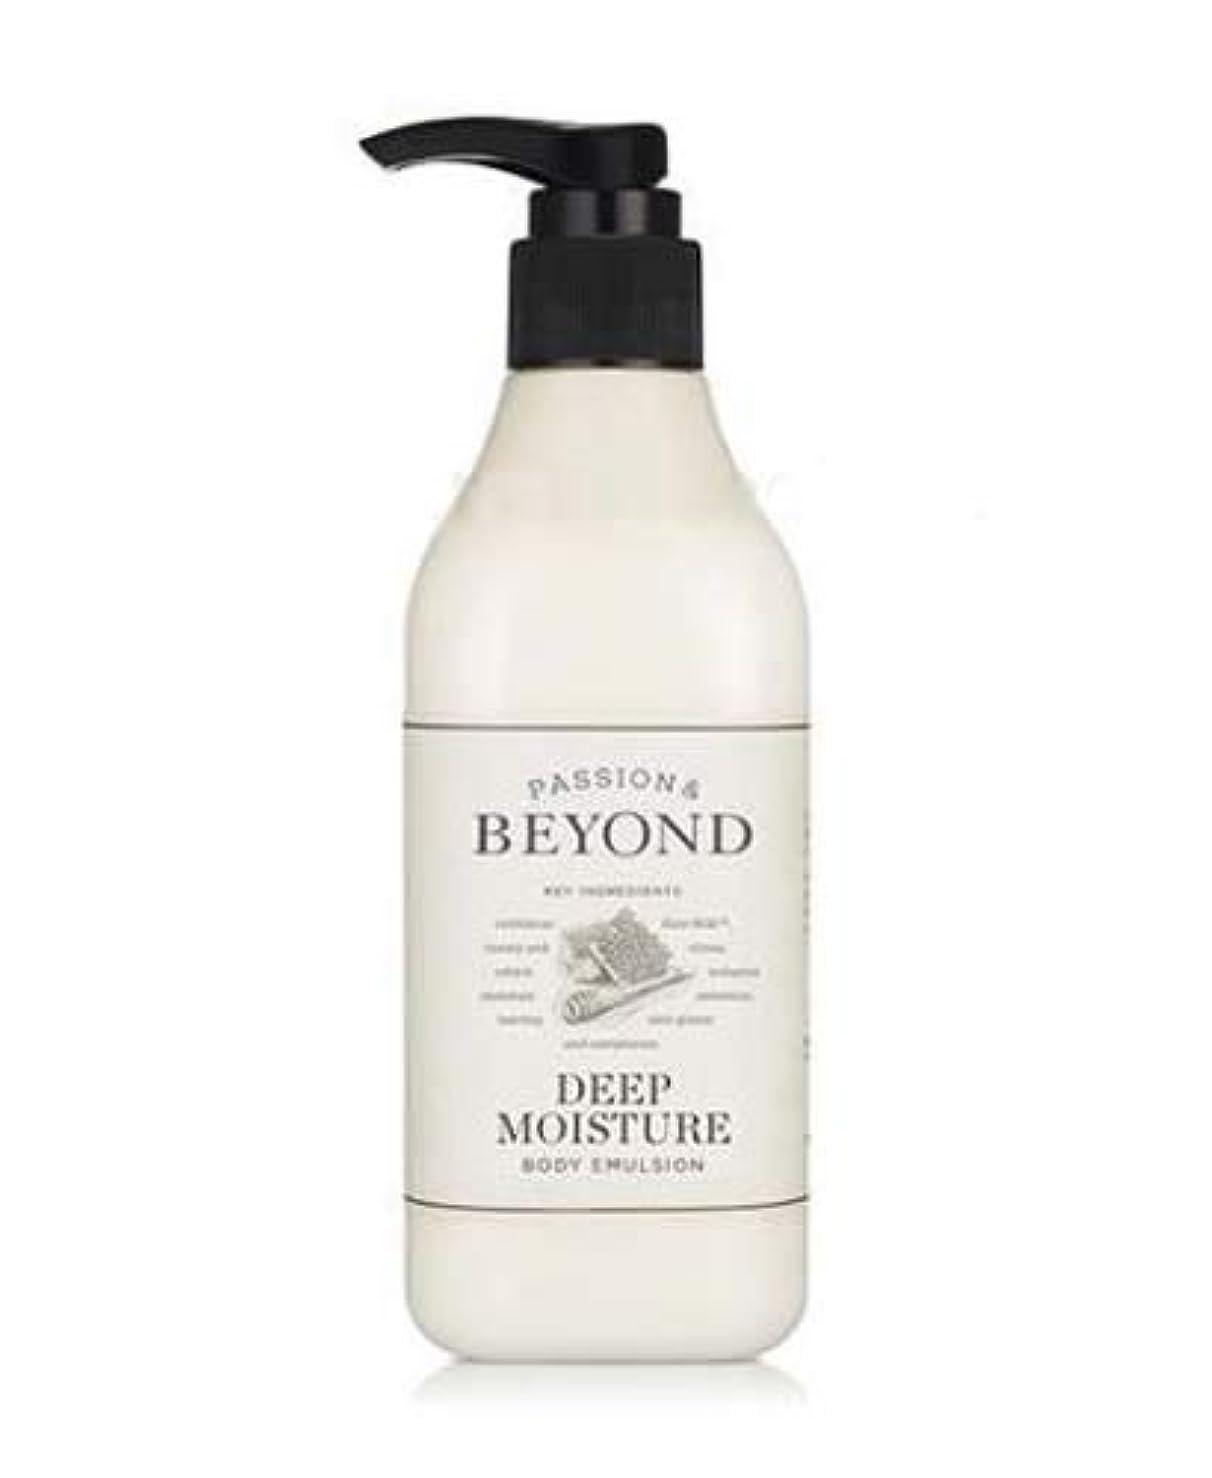 ジャニス床を掃除する代わりに[ビヨンド] BEYOND [ディープモイスチャー ボディ エマルション 200ml] Deep Moisture Body Emulsion 200ml [海外直送品]